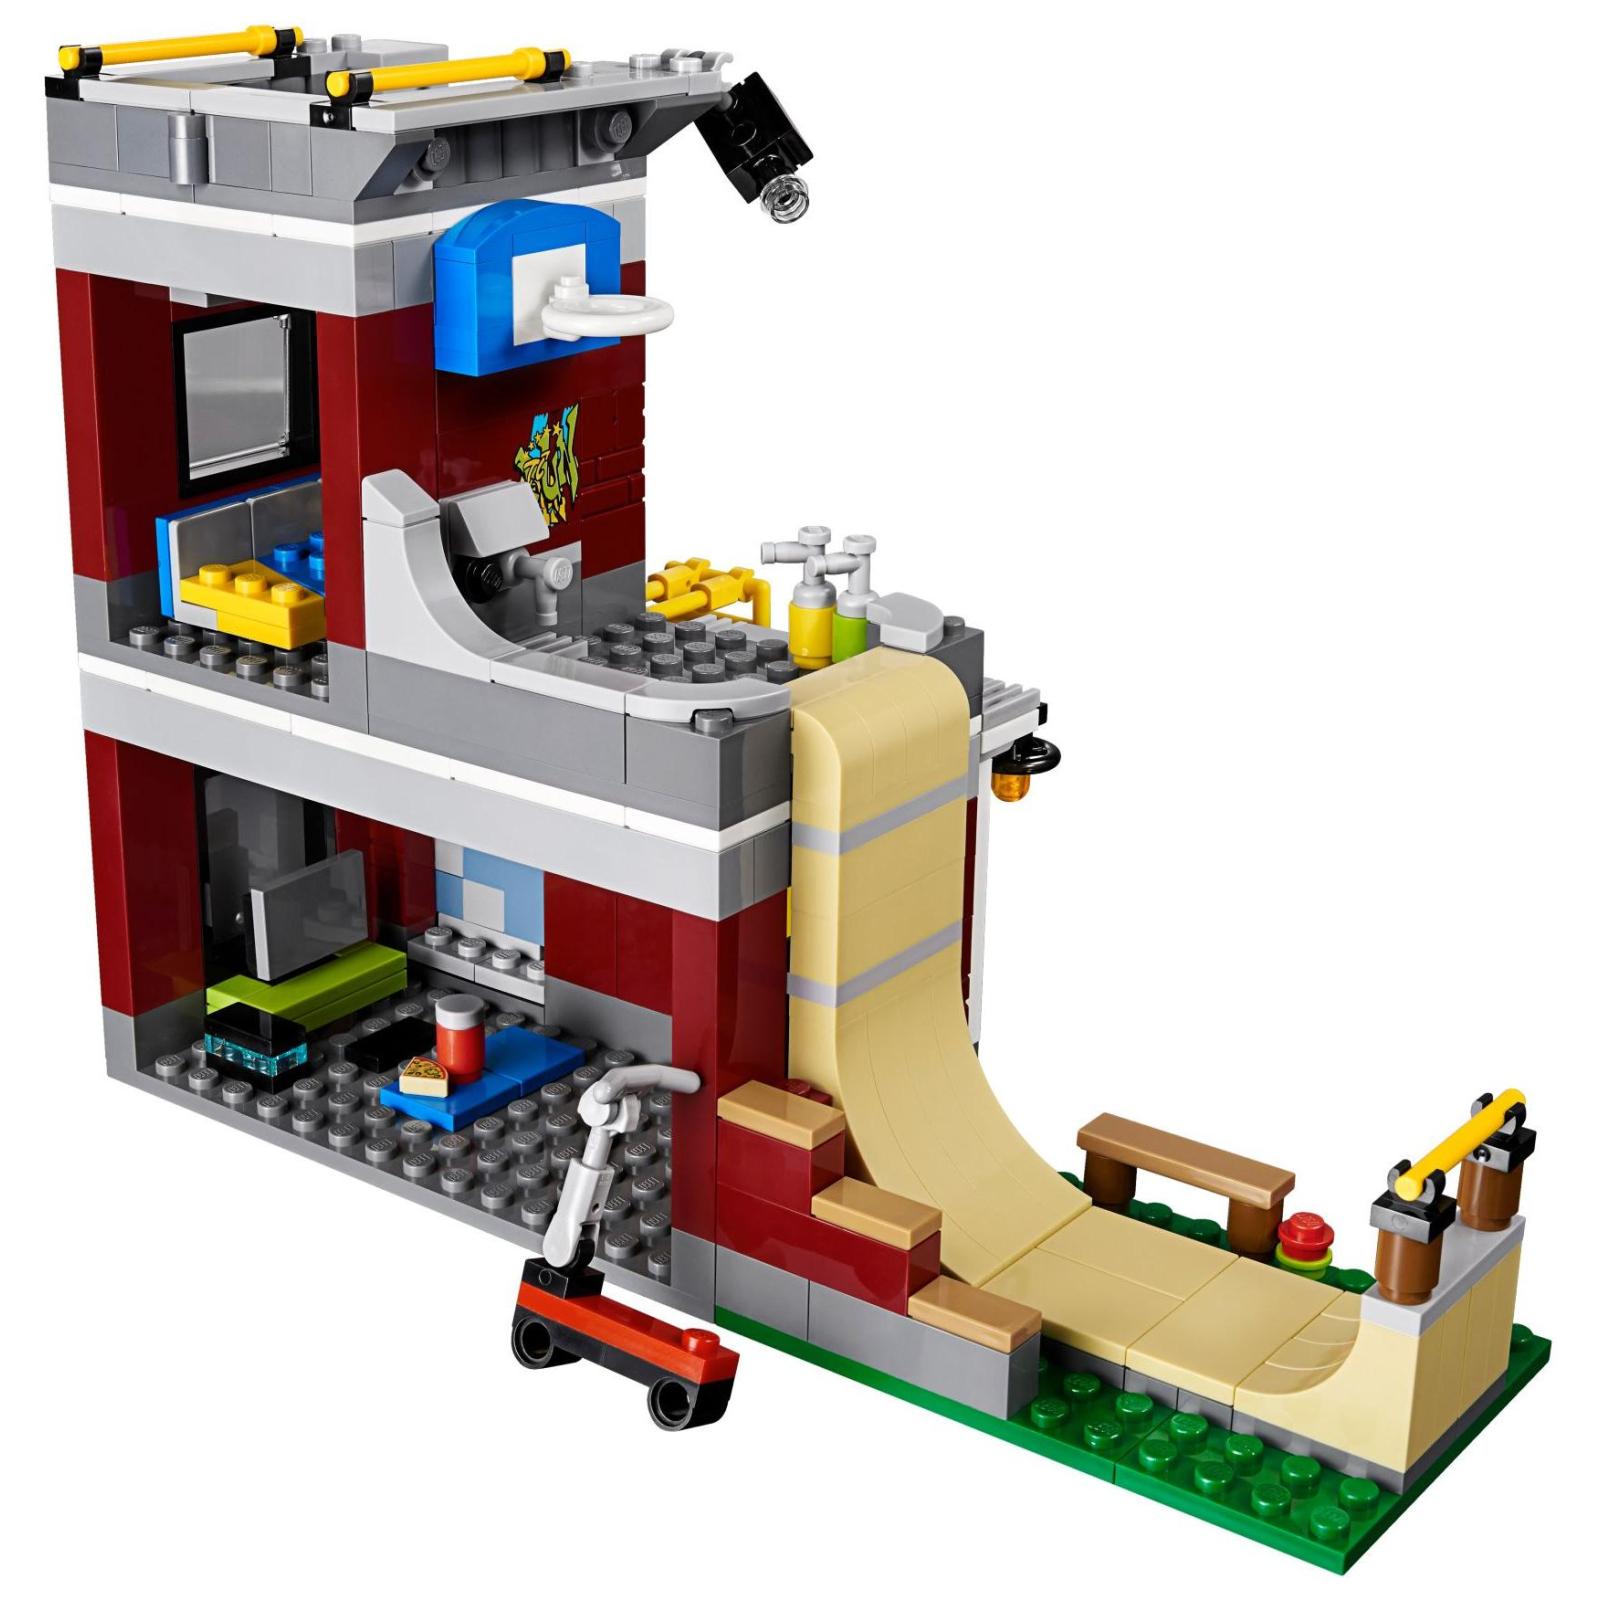 Конструктор LEGO Creator Модульный набор Каток (31081) изображение 4